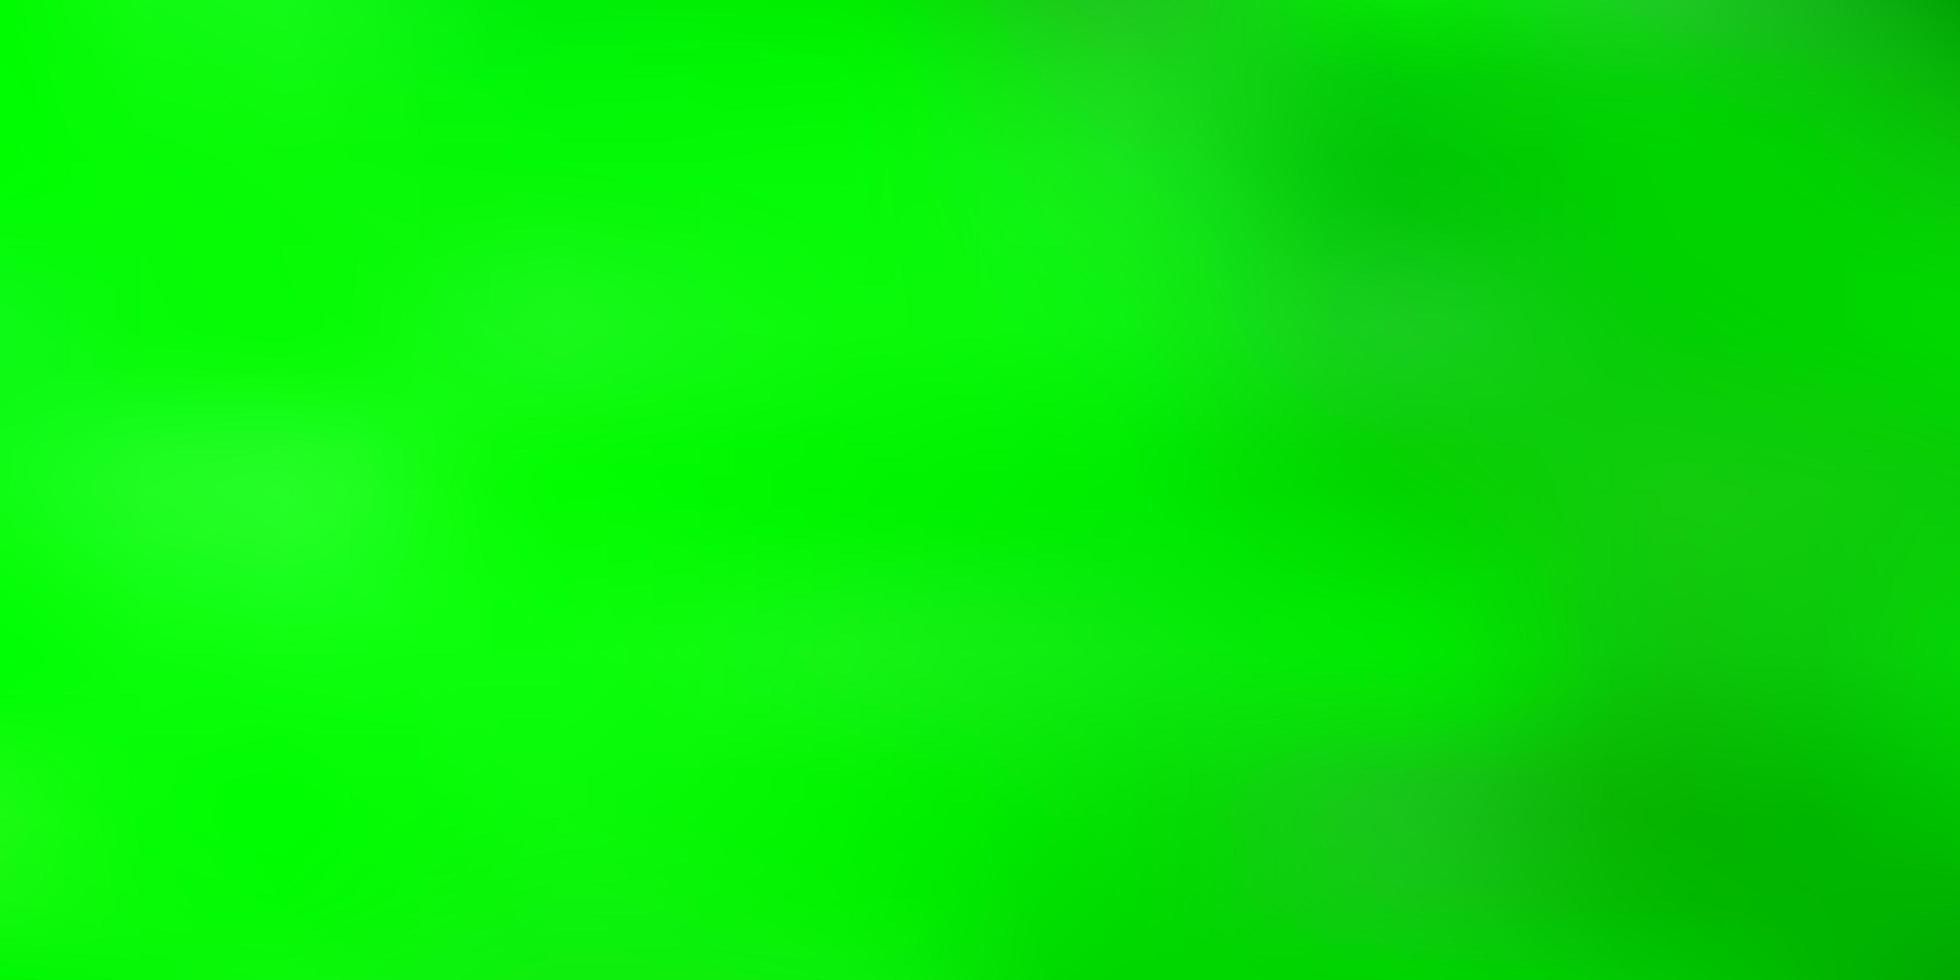 hellgrüner Vektor-Gradienten-Unschärfehintergrund. vektor